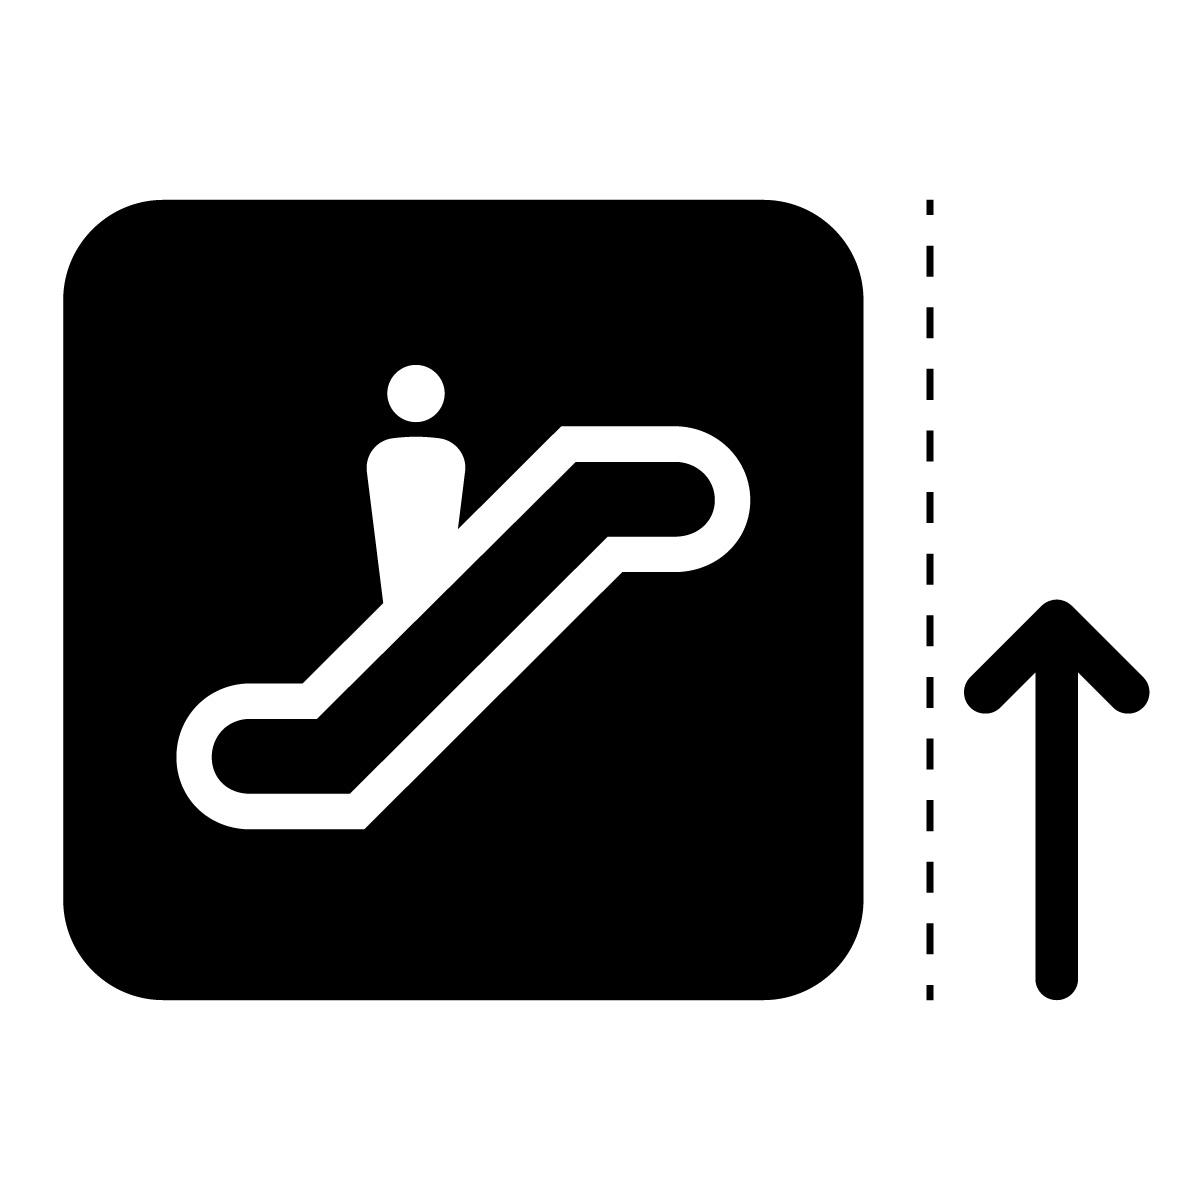 黒色のエスカレーター案内マーク(矢印付き)のカッティングステッカー・シール